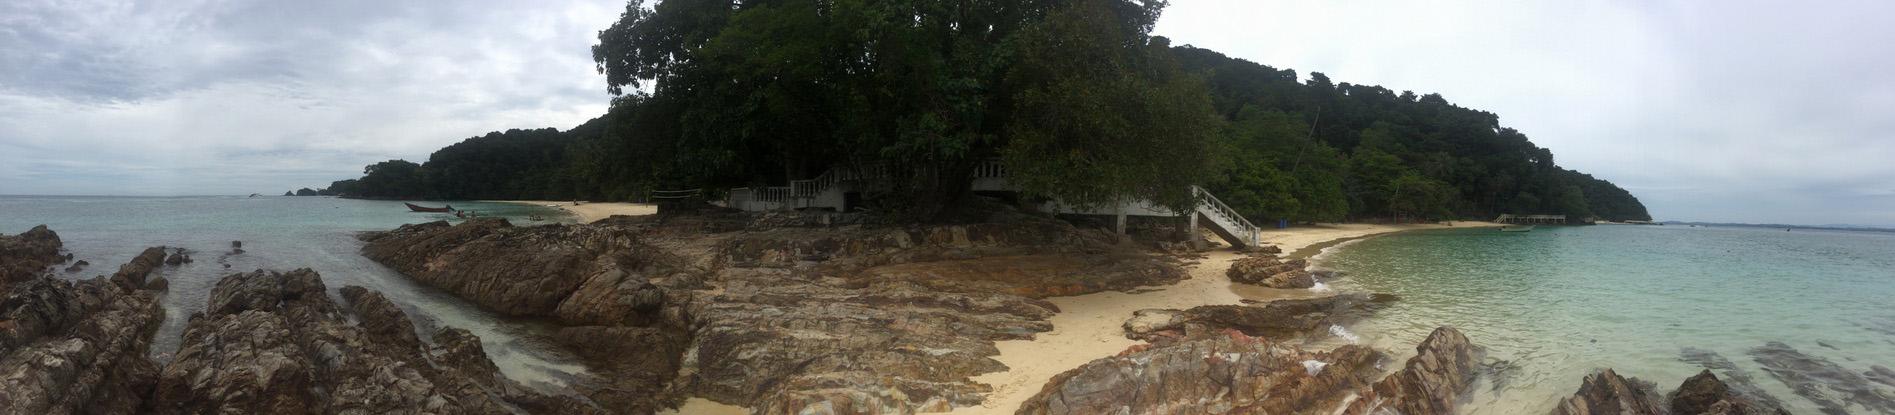 Guía de Pulau Kapas